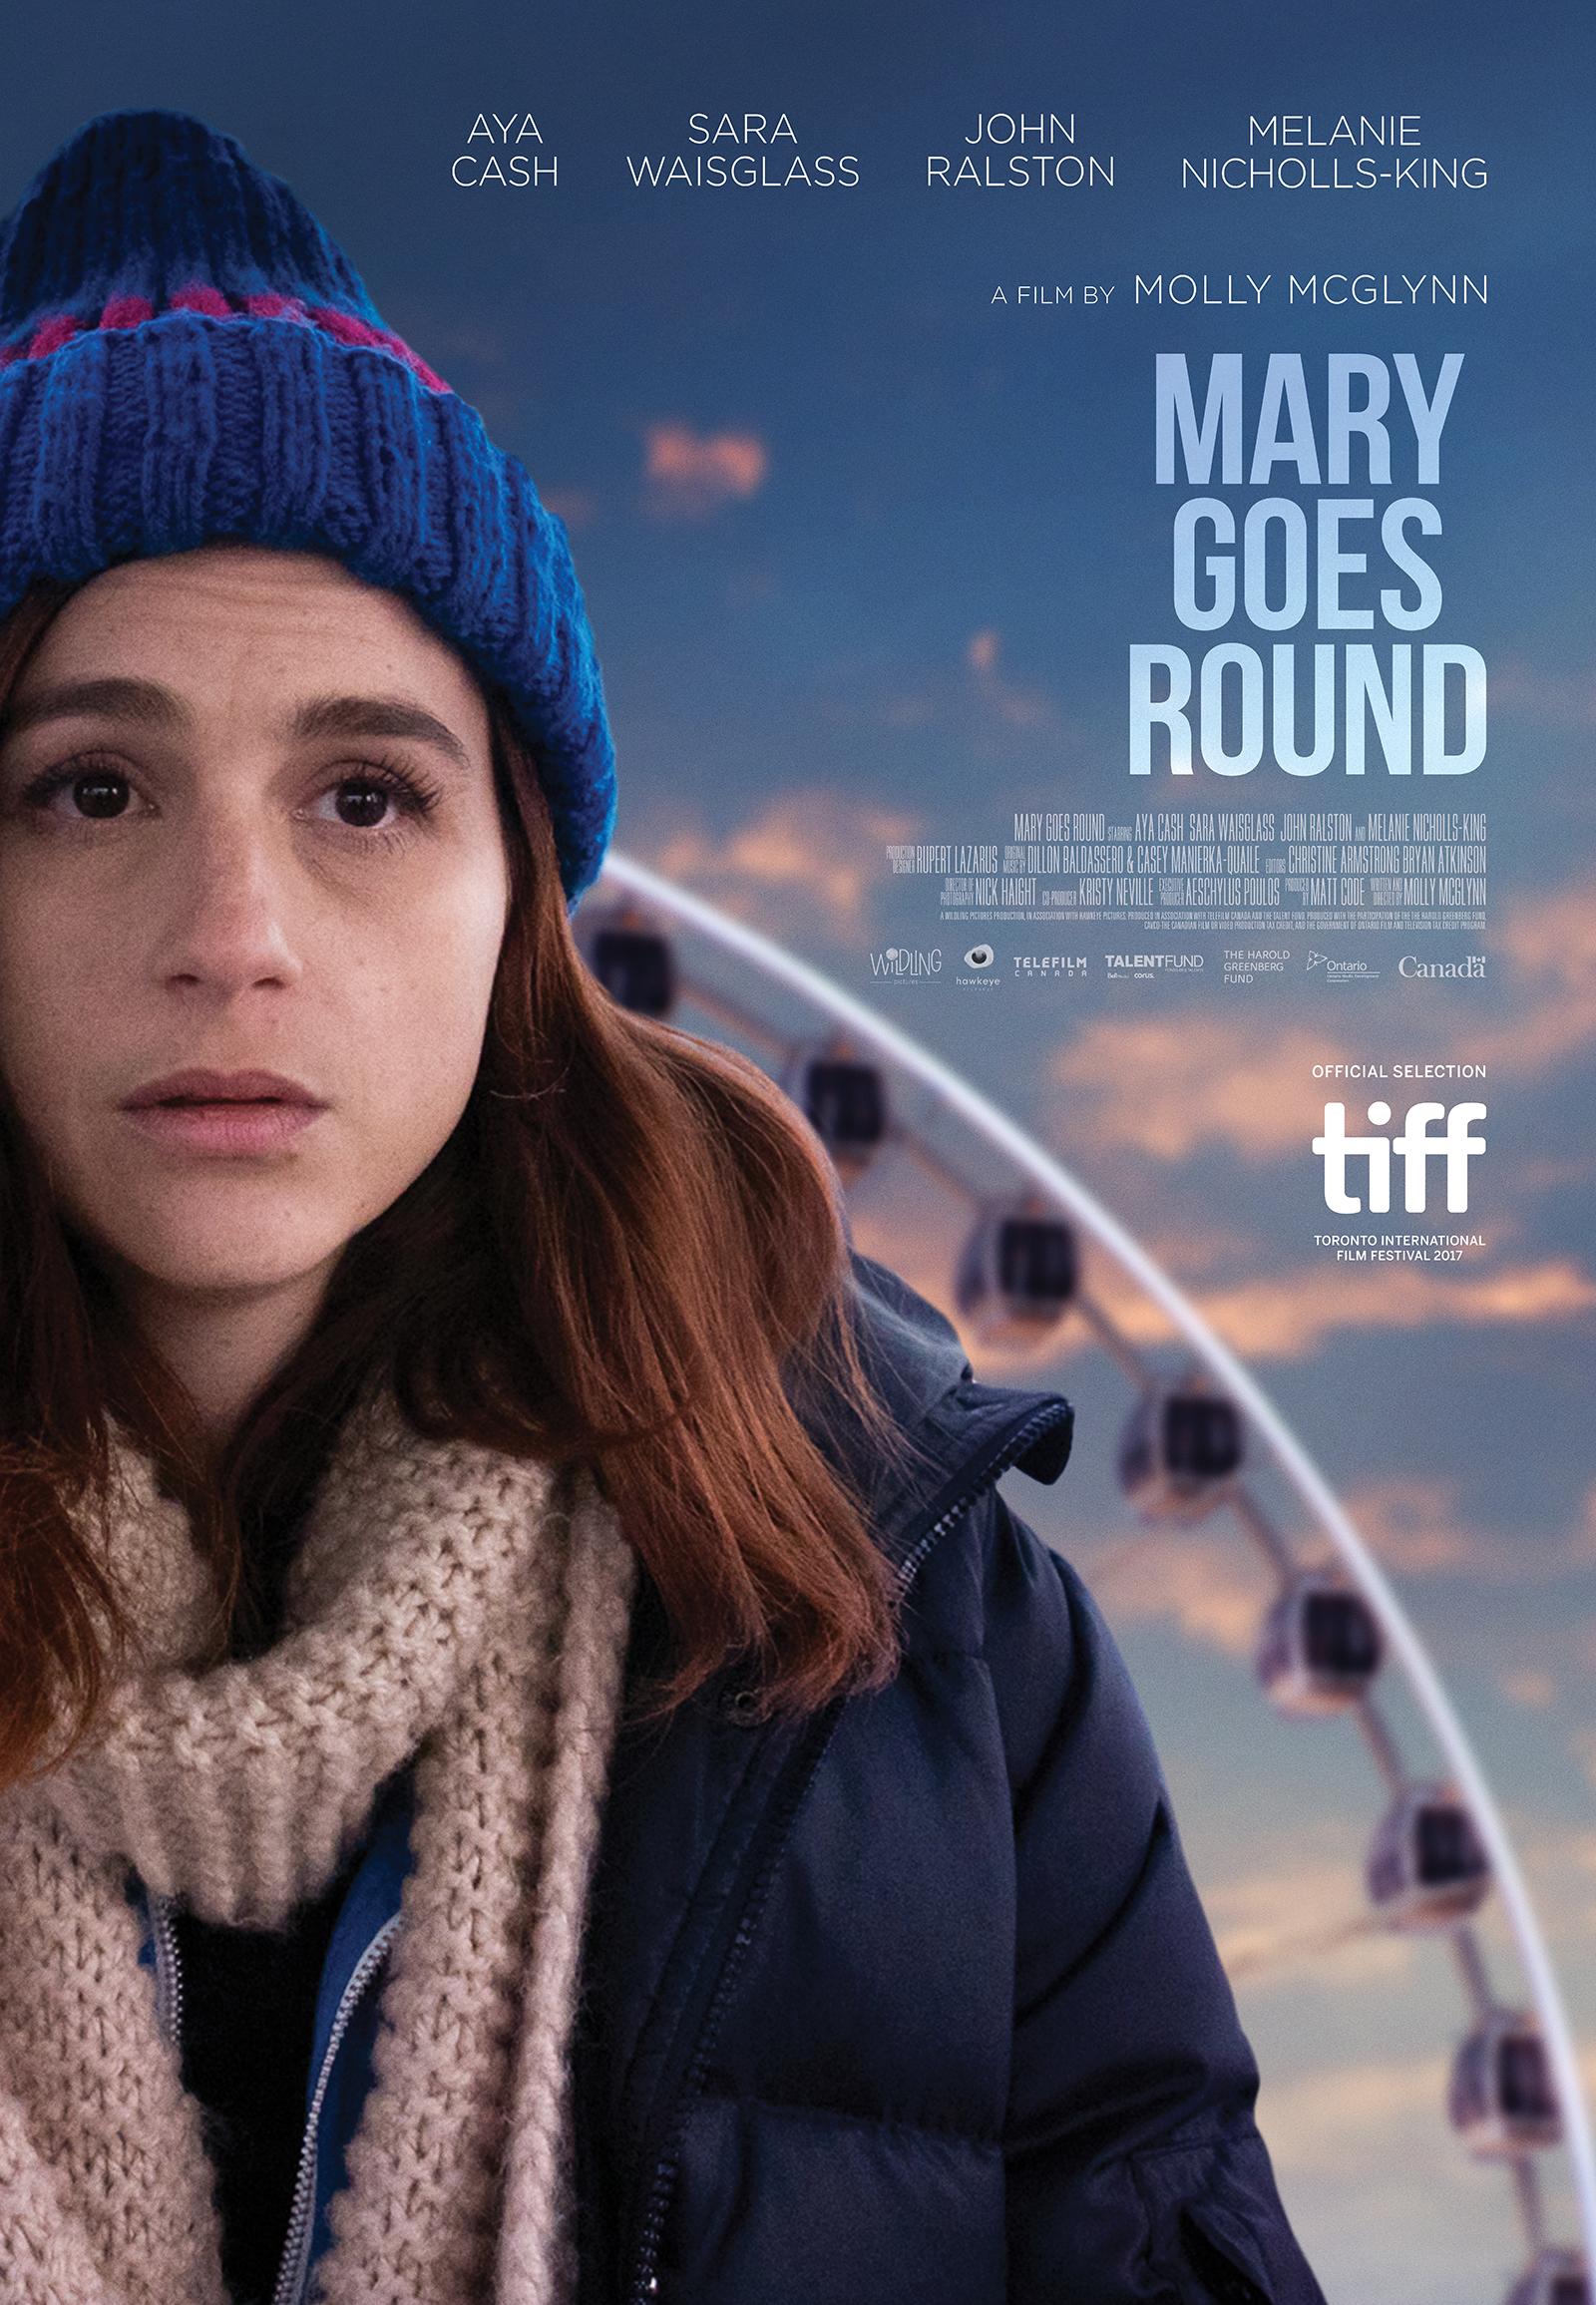 MaryGoesRound_1sht_27x39 ALT TT FINAL FINAL.jpg